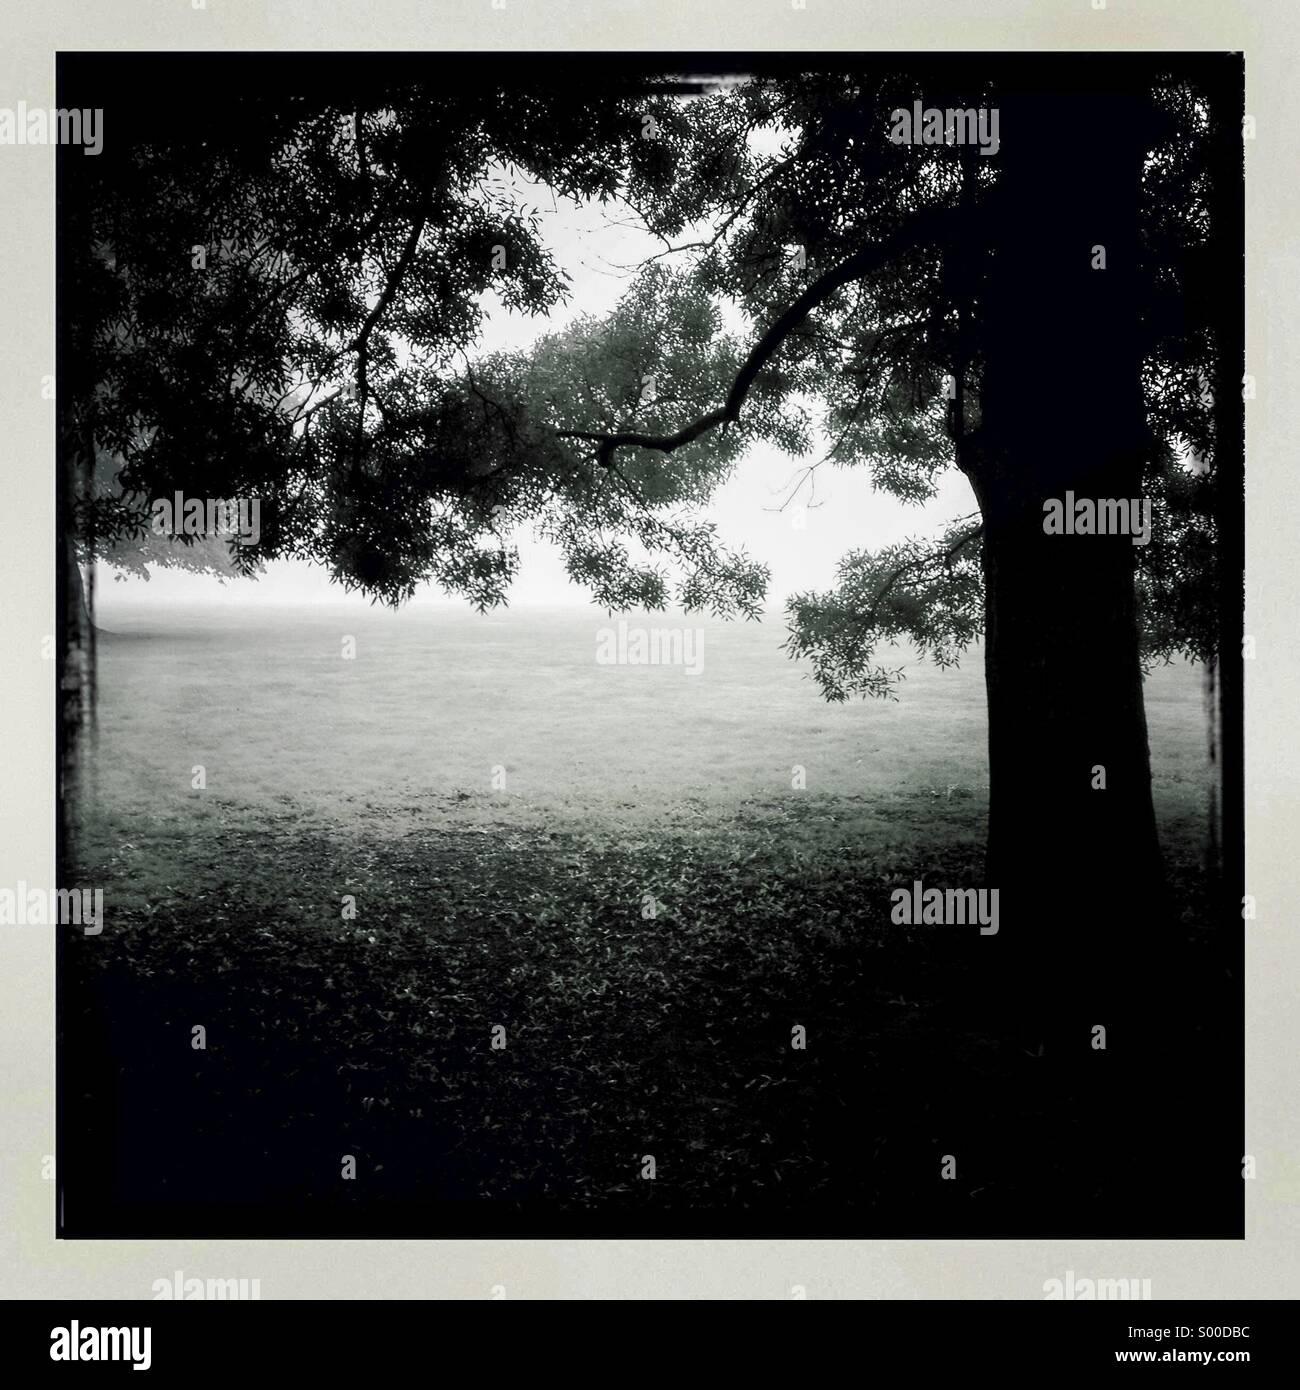 Fotografía en blanco y negro del viejo roble en campo. Formato cuadrado. Bordes blancos. Londres, Gran Bretaña. Foto de stock